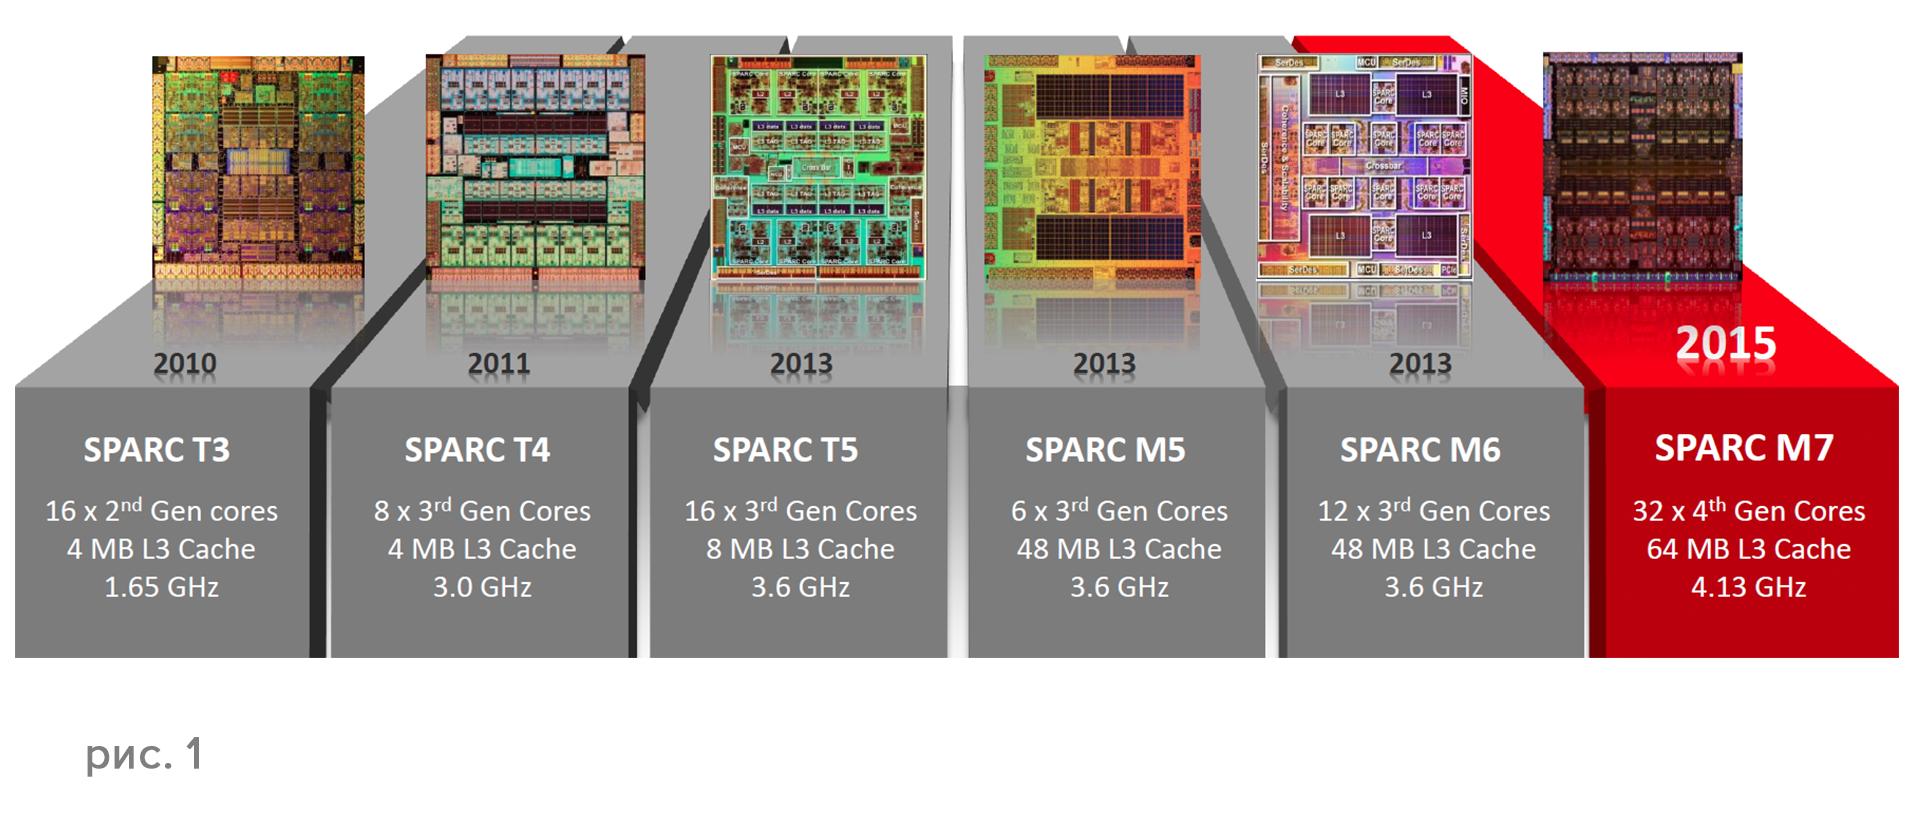 Серверы Oracle SPARC T7 и M7 — новая платформа для защищенных вычислений - 1